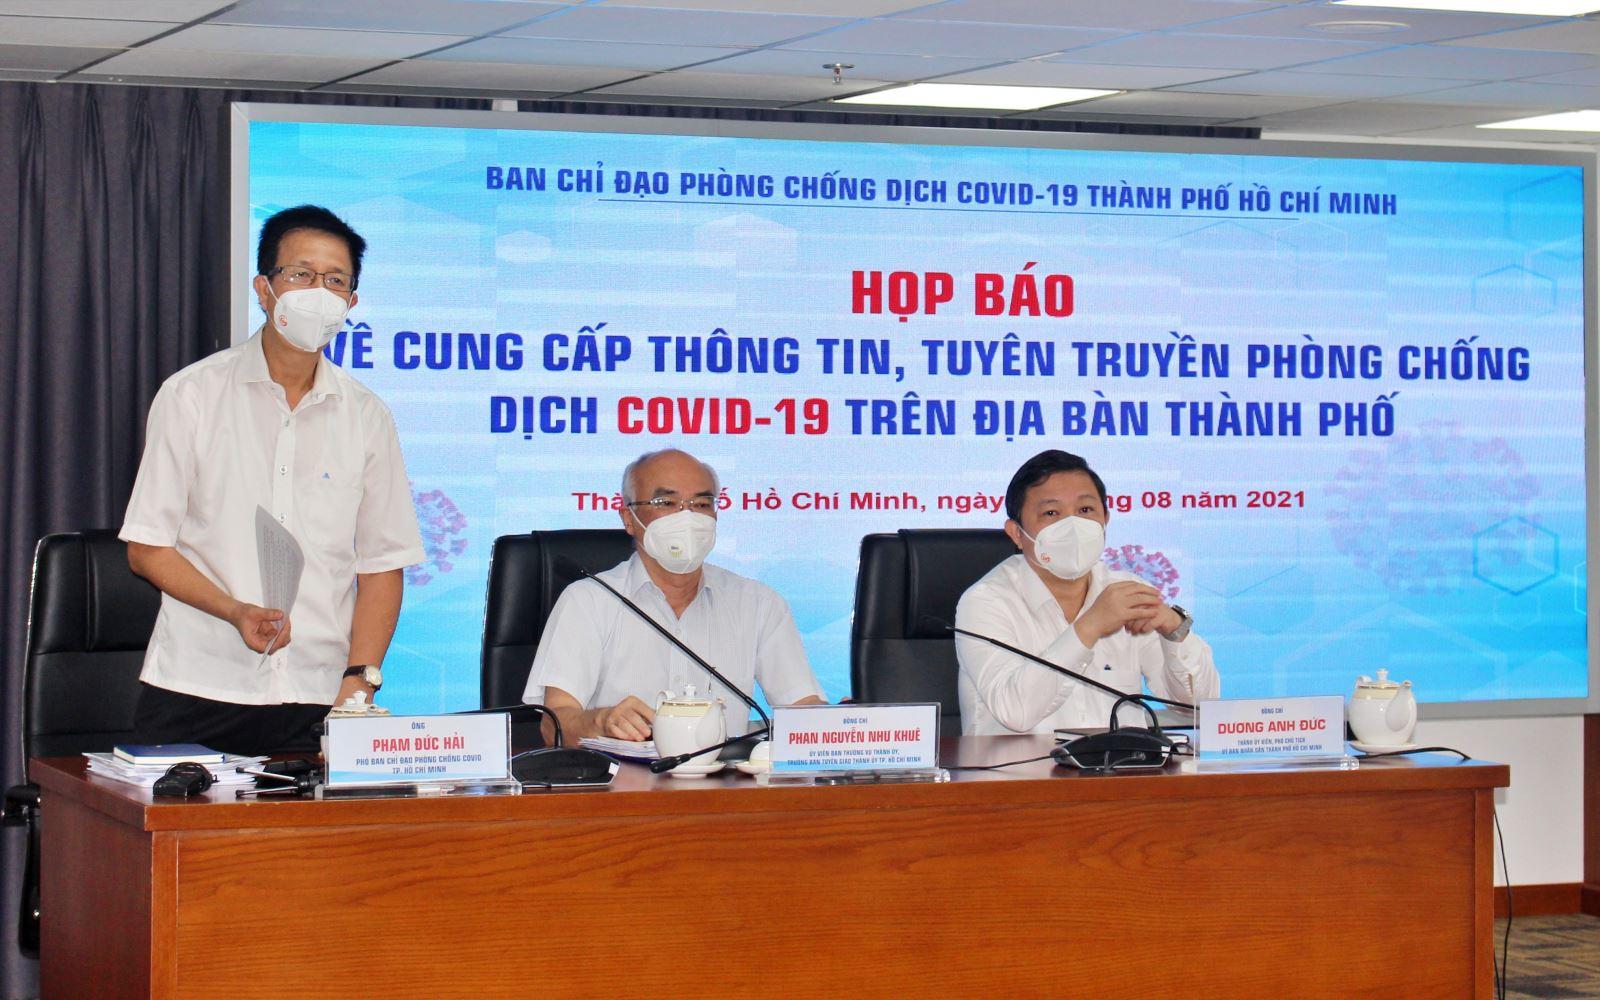 """Từ ngày 23/8, TP Hồ Chí Minh áp dụng biện pháp mạnh """"ai ở đâu ở yên đó"""" để phòng dịch"""